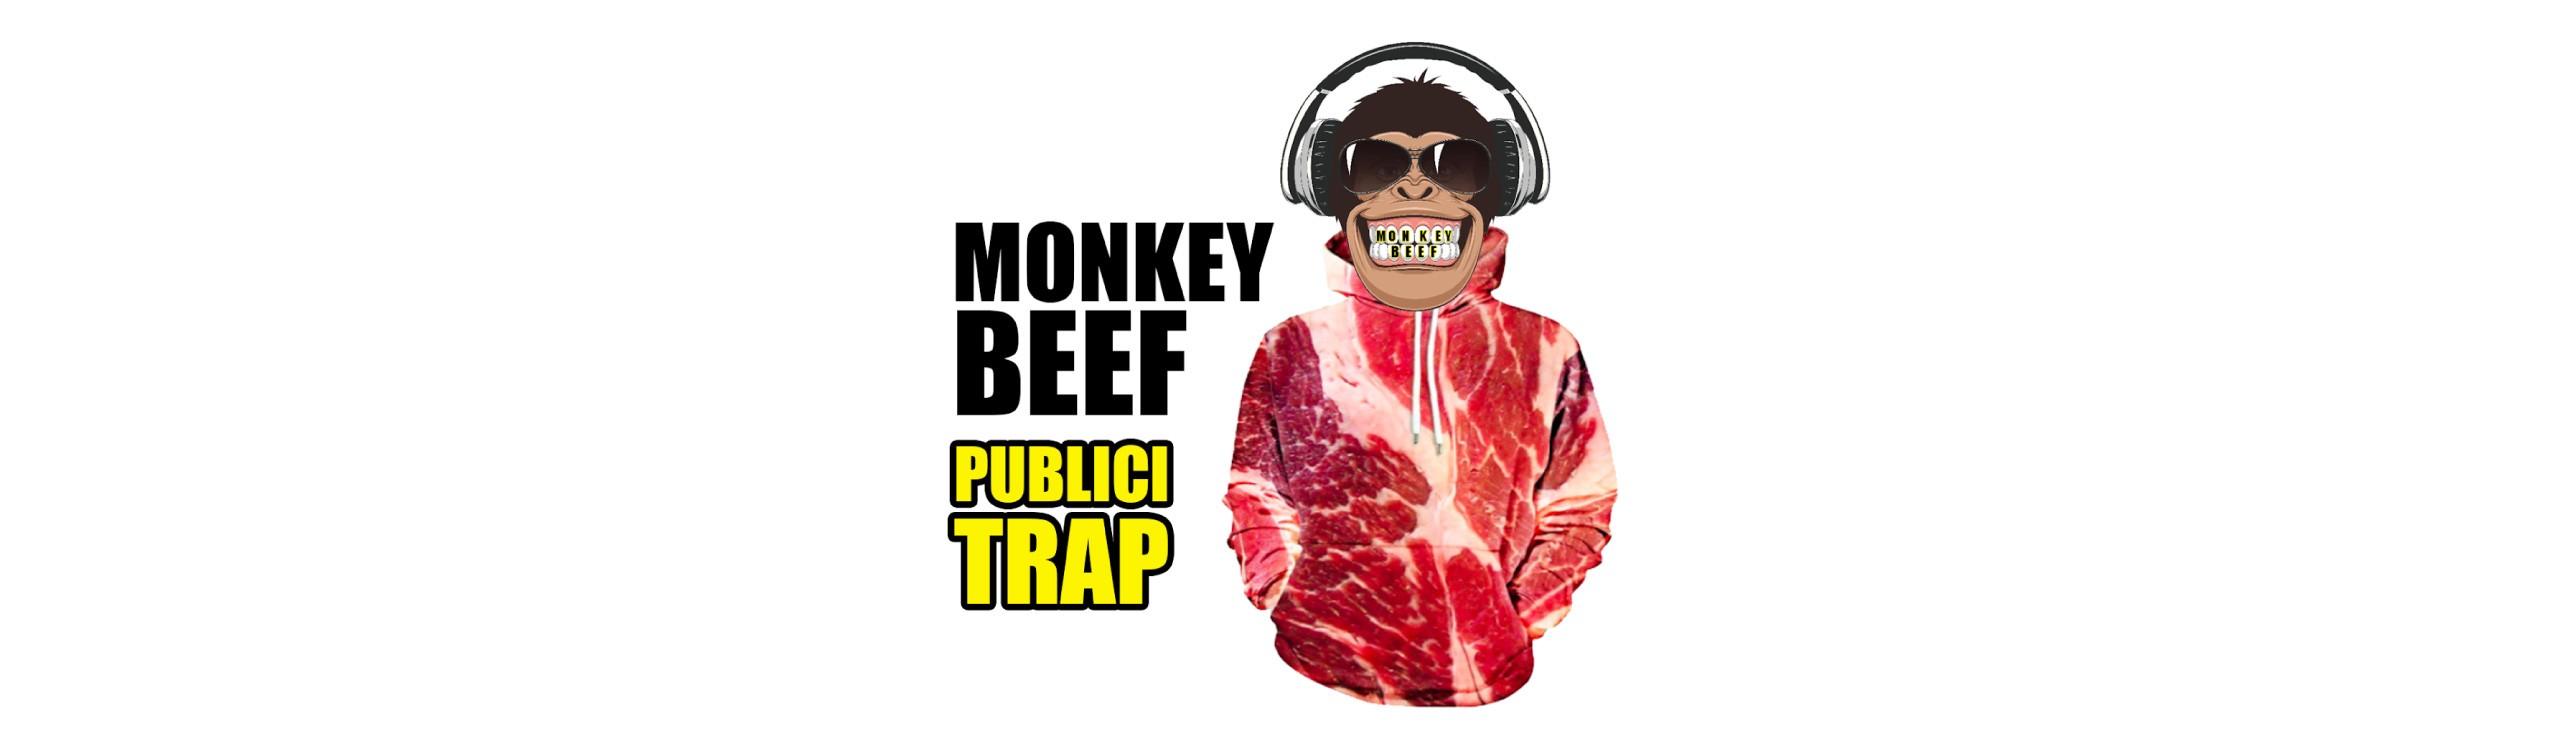 monkey beef publicitrap mis gafas de pasta destacado